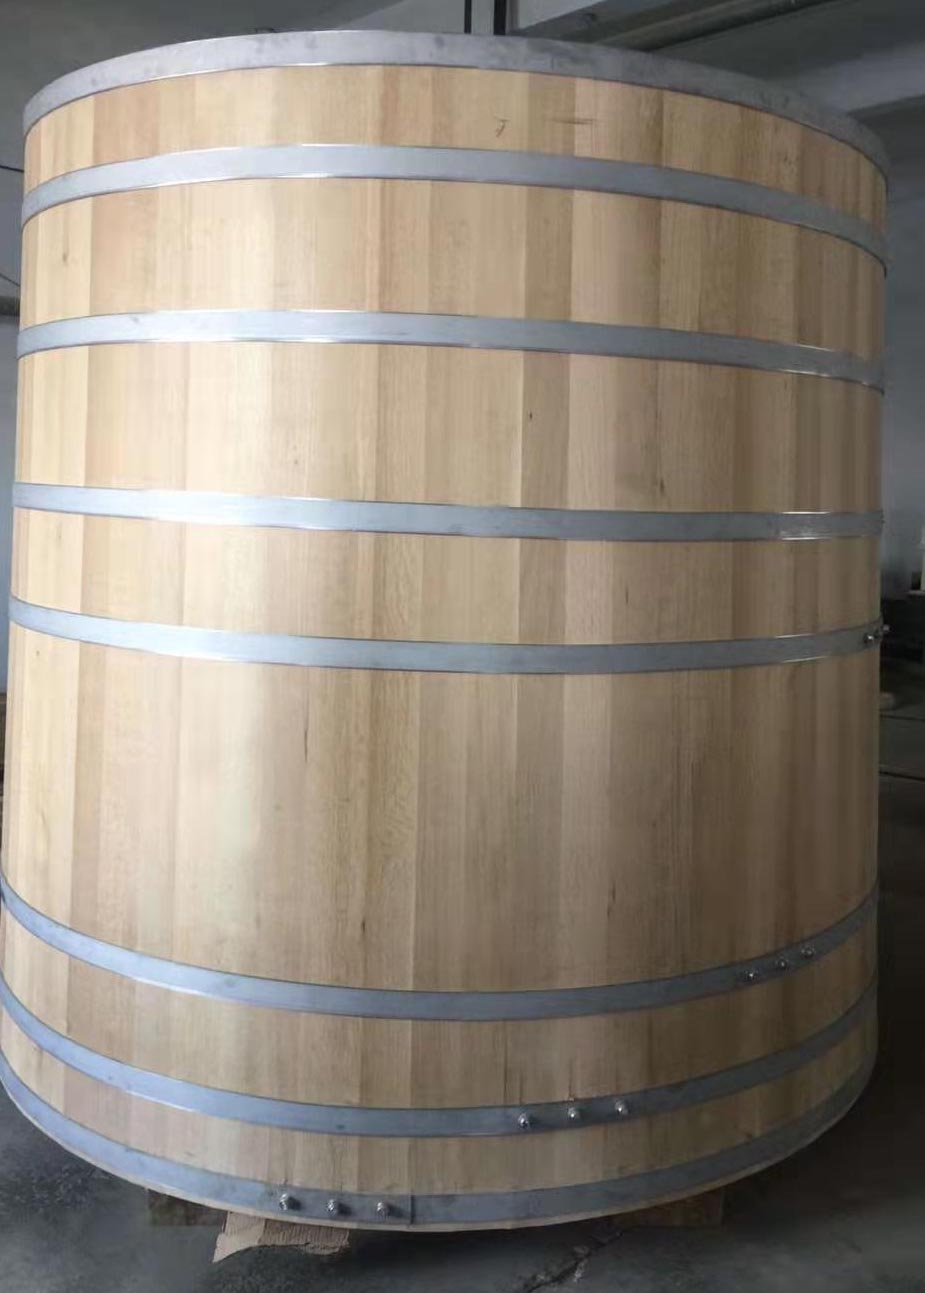 烟台进口法国橡木桶价钱,法国橡木桶